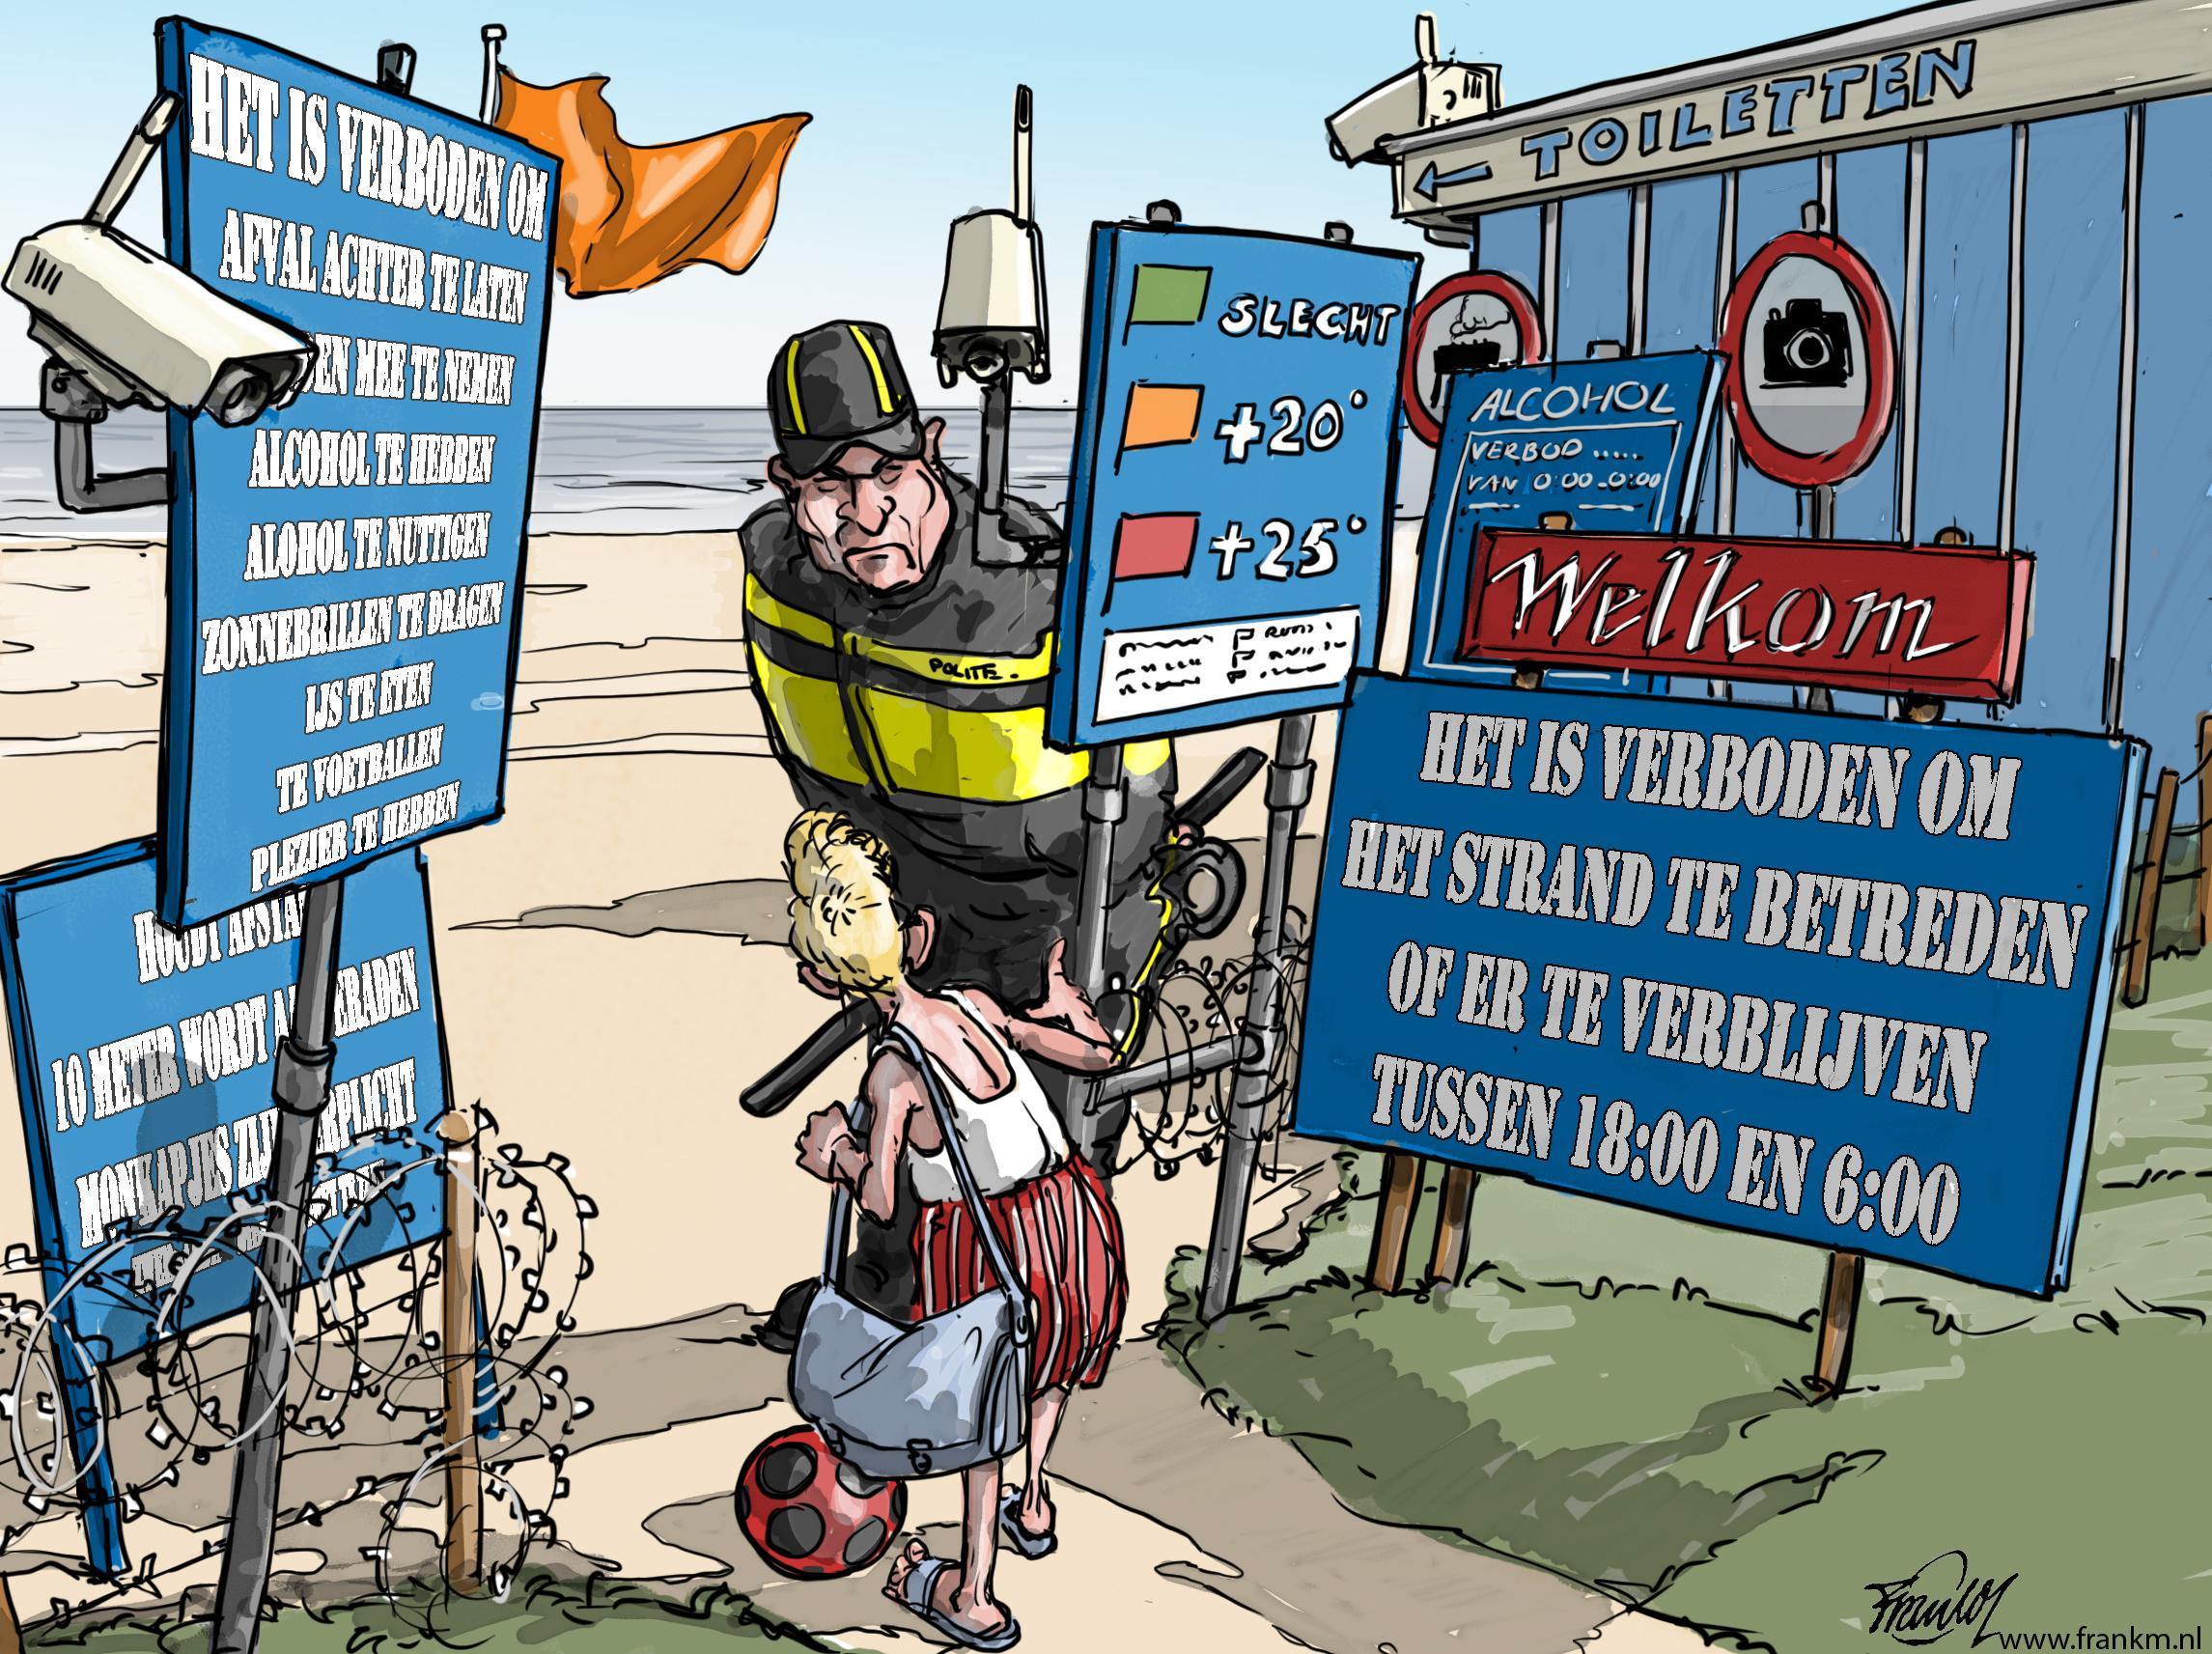 Gezellig naar het strand van Blaricum! Dat wordt een feest deze zomer | cartoon Frank Muntjewerf